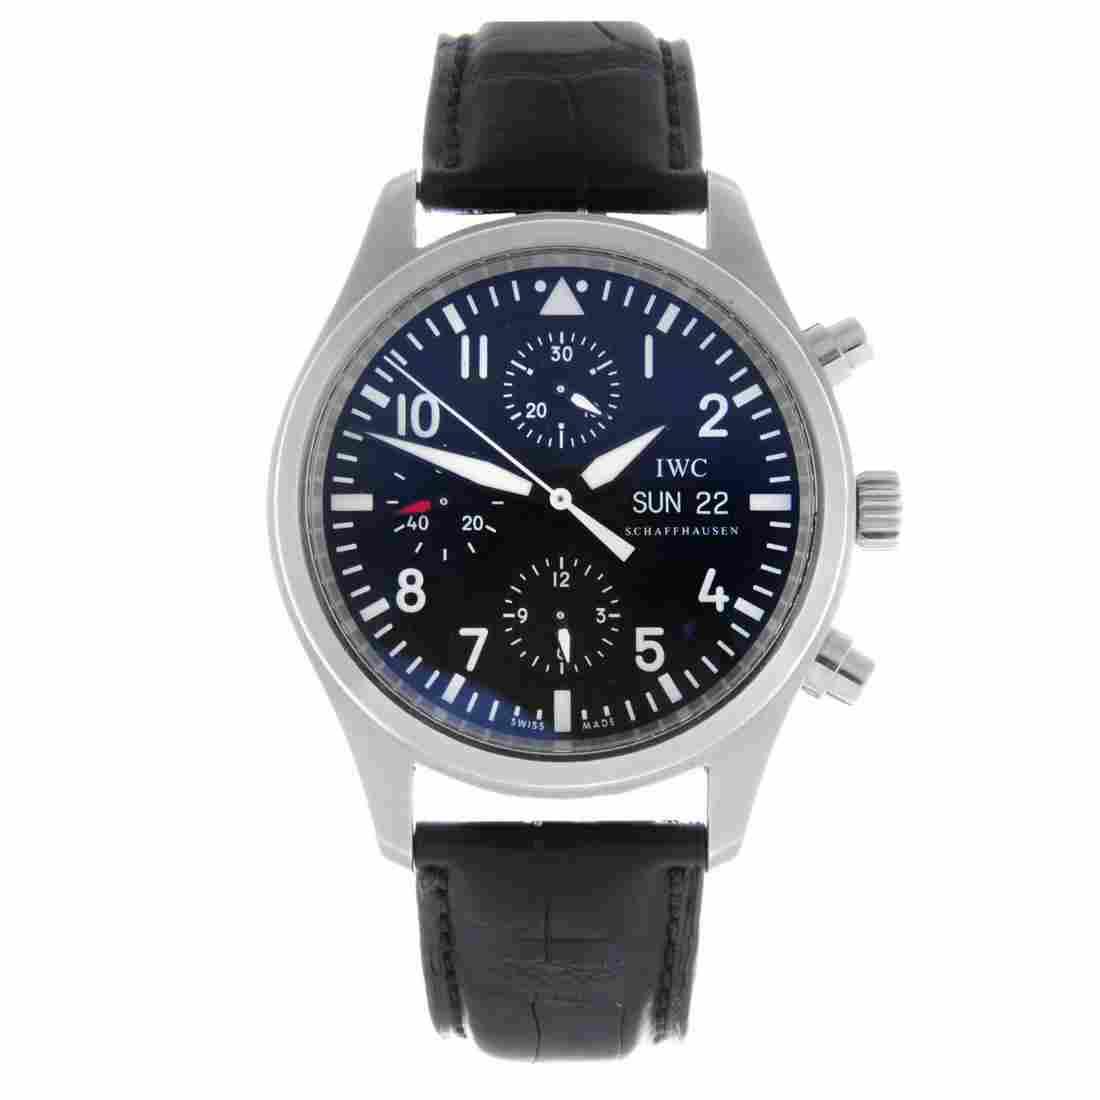 IWC - a gentleman's Pilot's chronograph wrist watch.